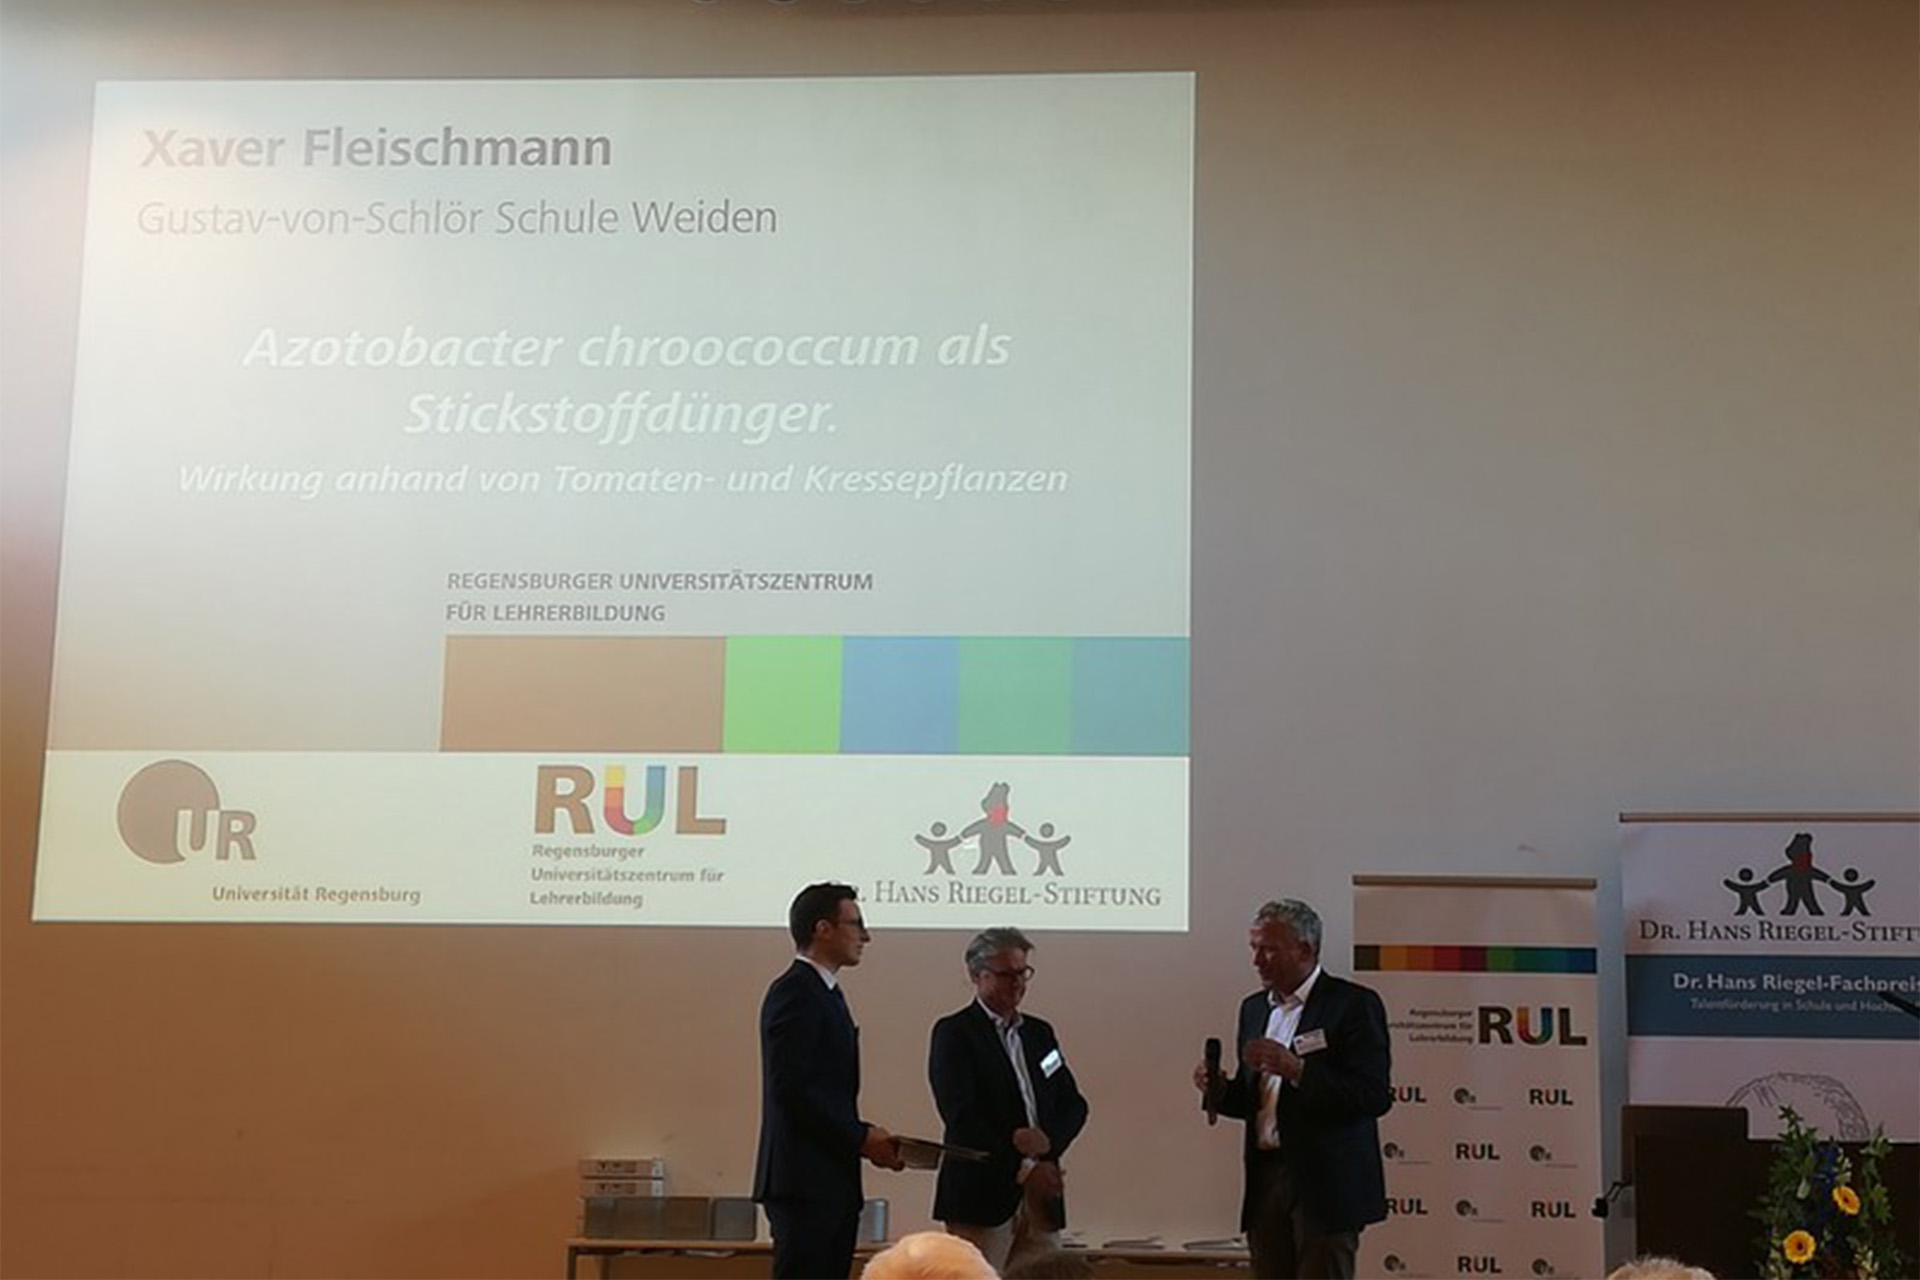 Dr. Hans Riegel-Fachpreis für die FOSBOS Weiden